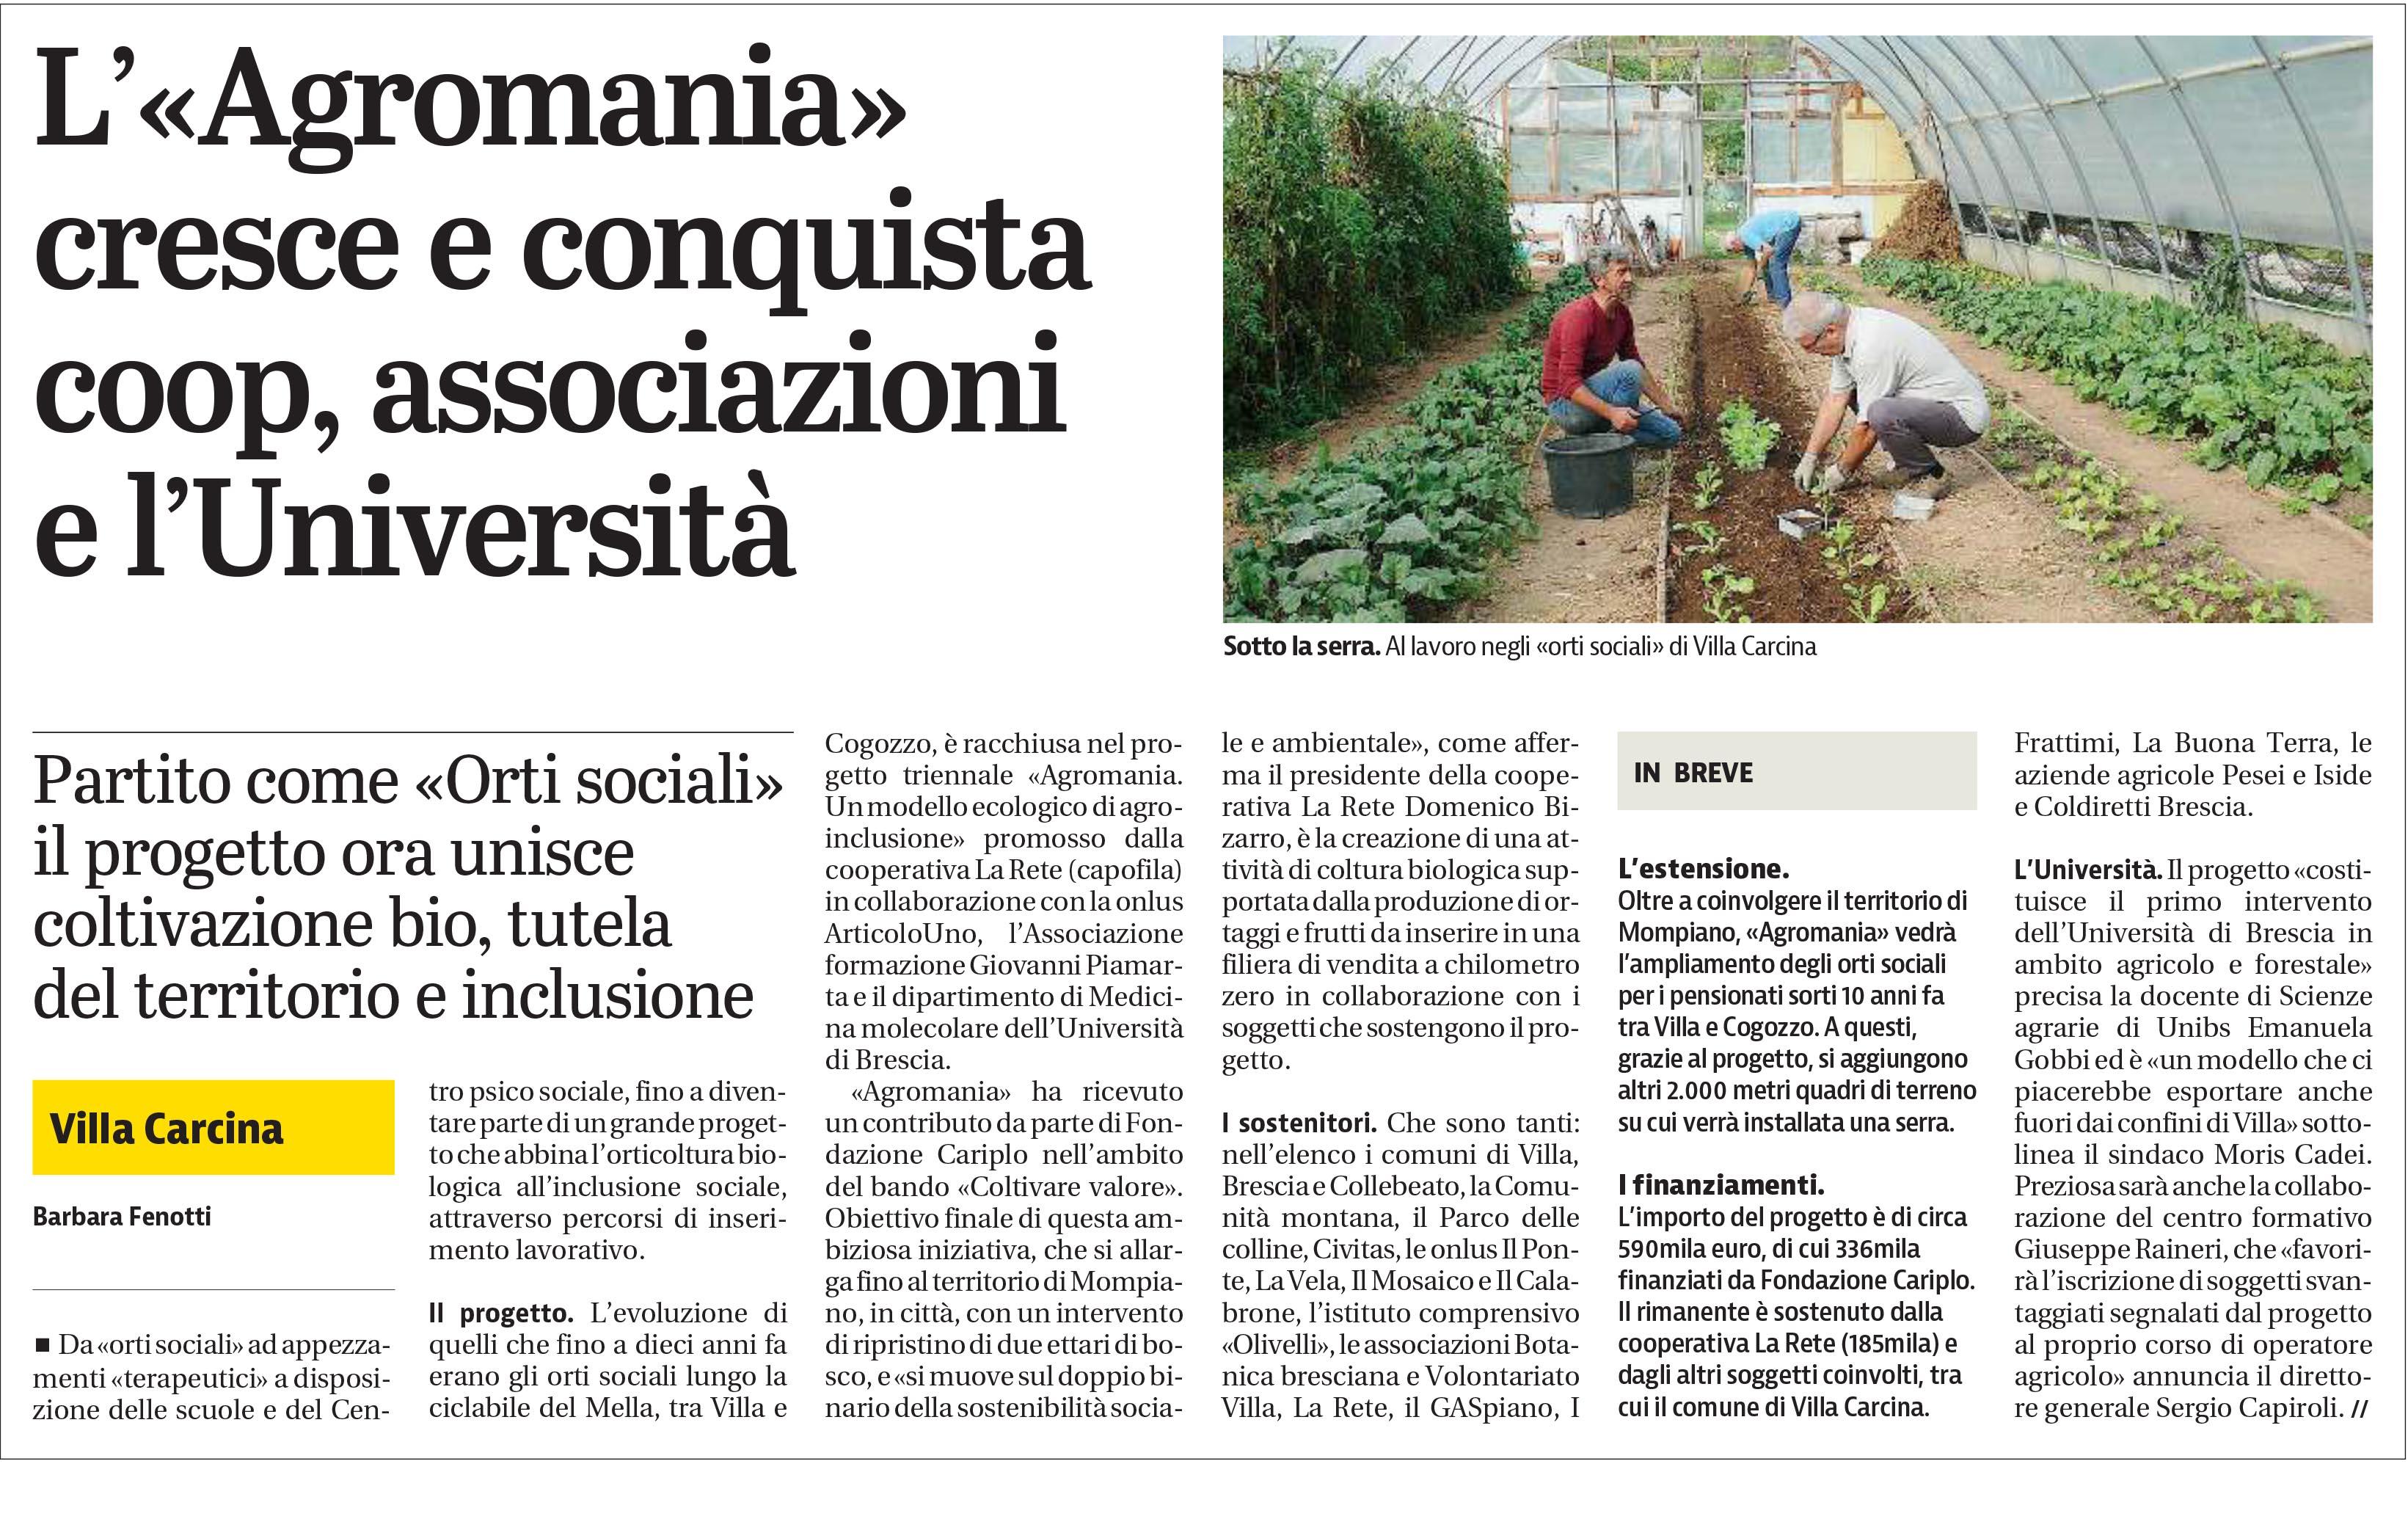 L'«Agromania» cresce e conquista coop, associazioni e l'Università - Giornale di Brescia